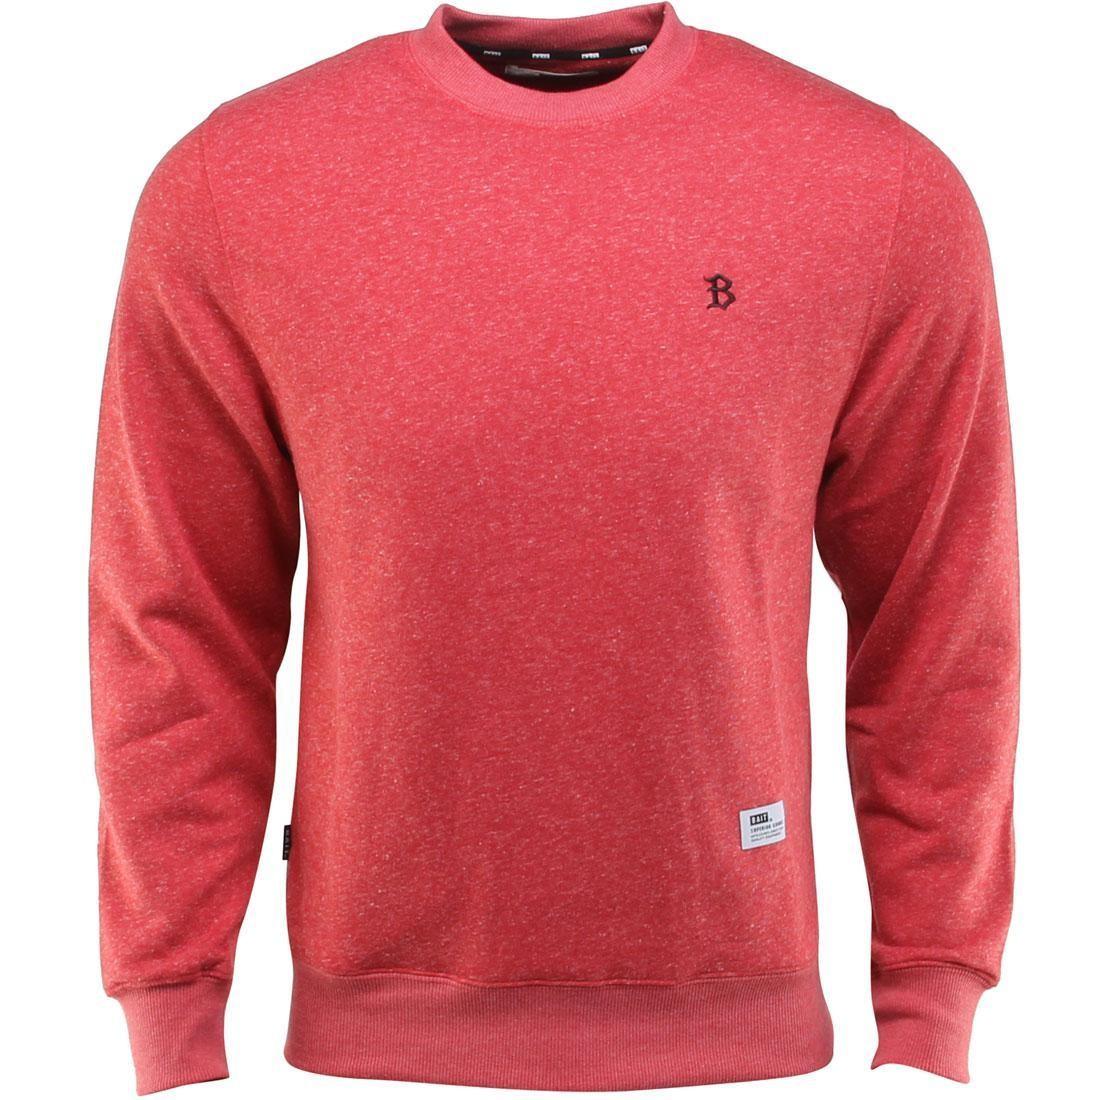 【海外限定】メンズファッション Tシャツ【 BAIT B Tシャツ LETTER CREWNECK】 INVISIBLE POCKETS FITTED CREWNECK RED】, まえだふとん店:78202cad --- officewill.xsrv.jp